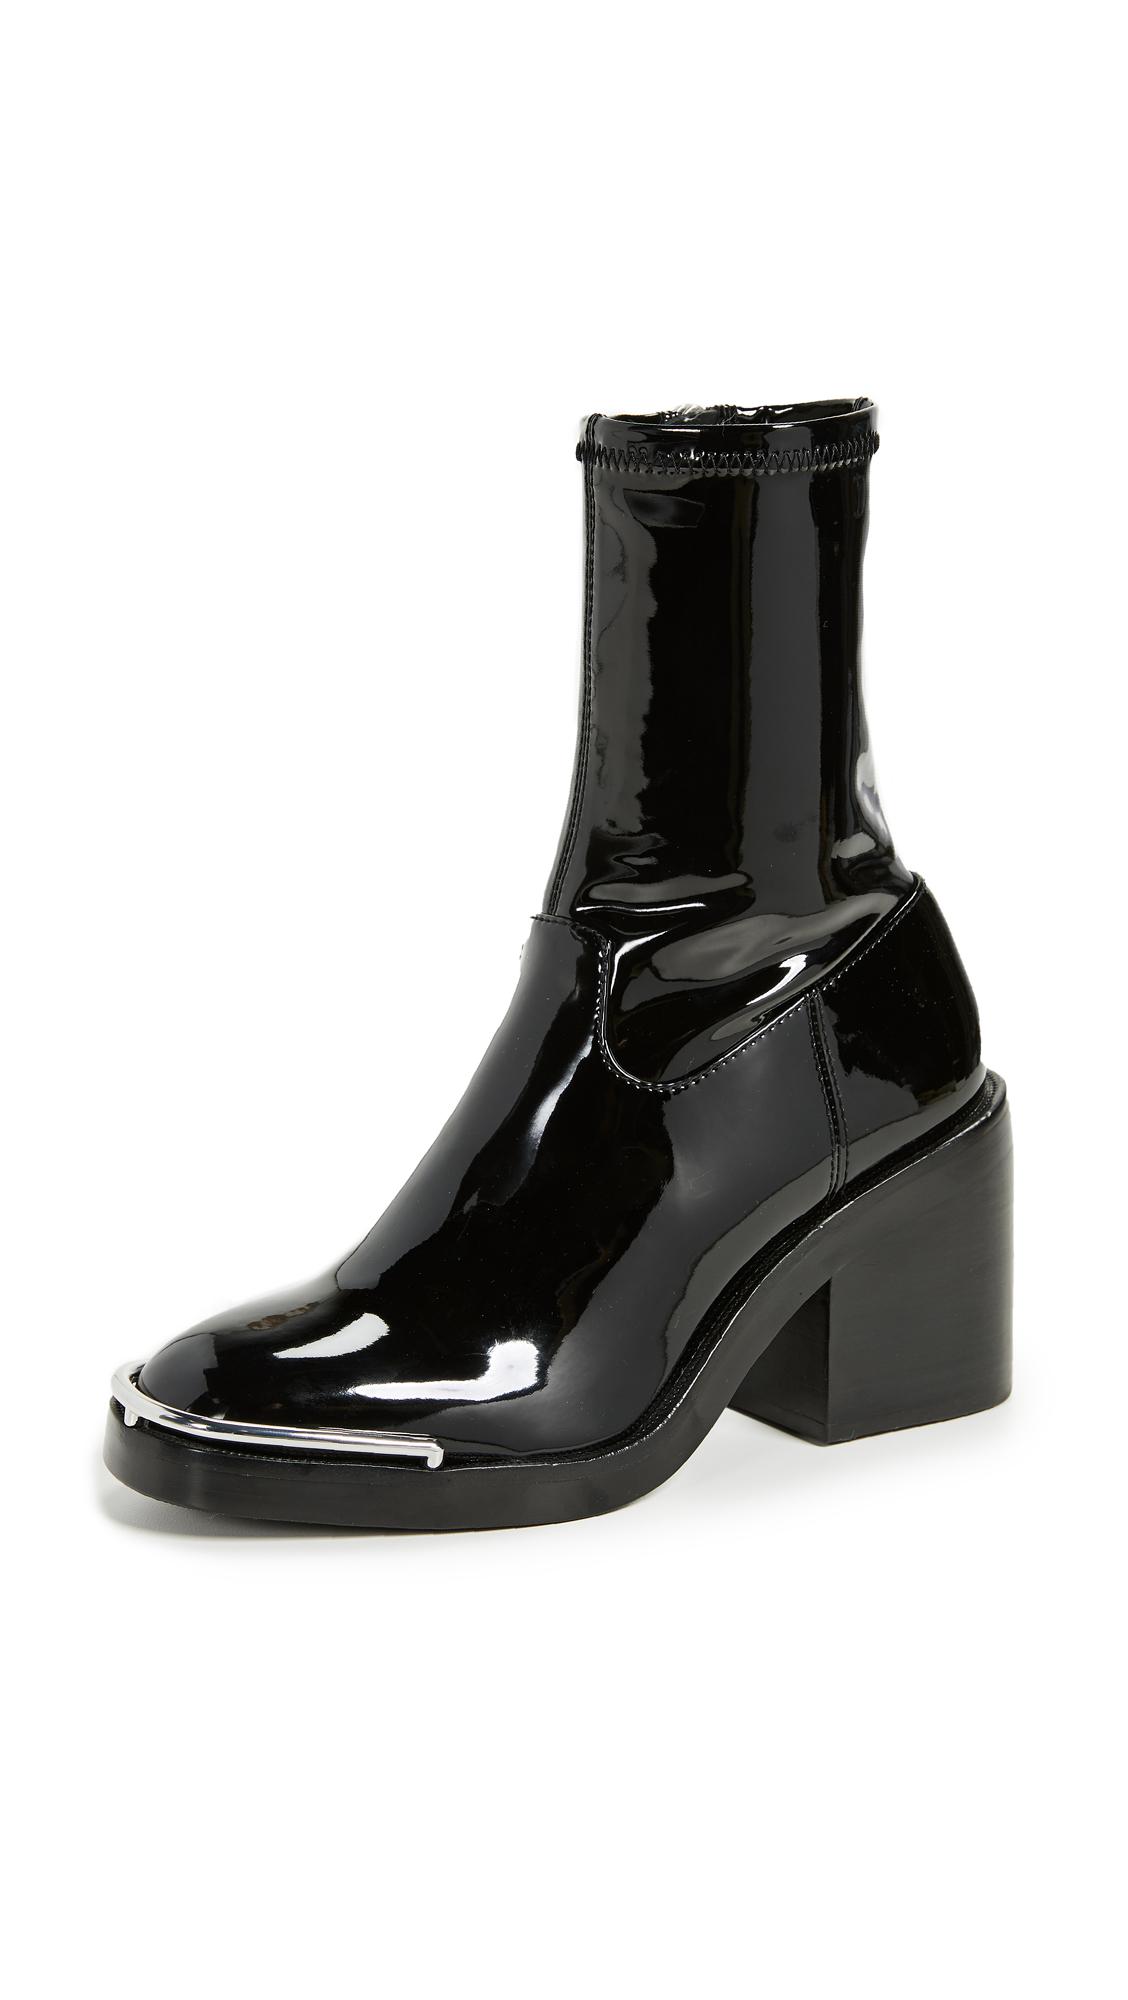 Alexander Wang Haily Boots - Black